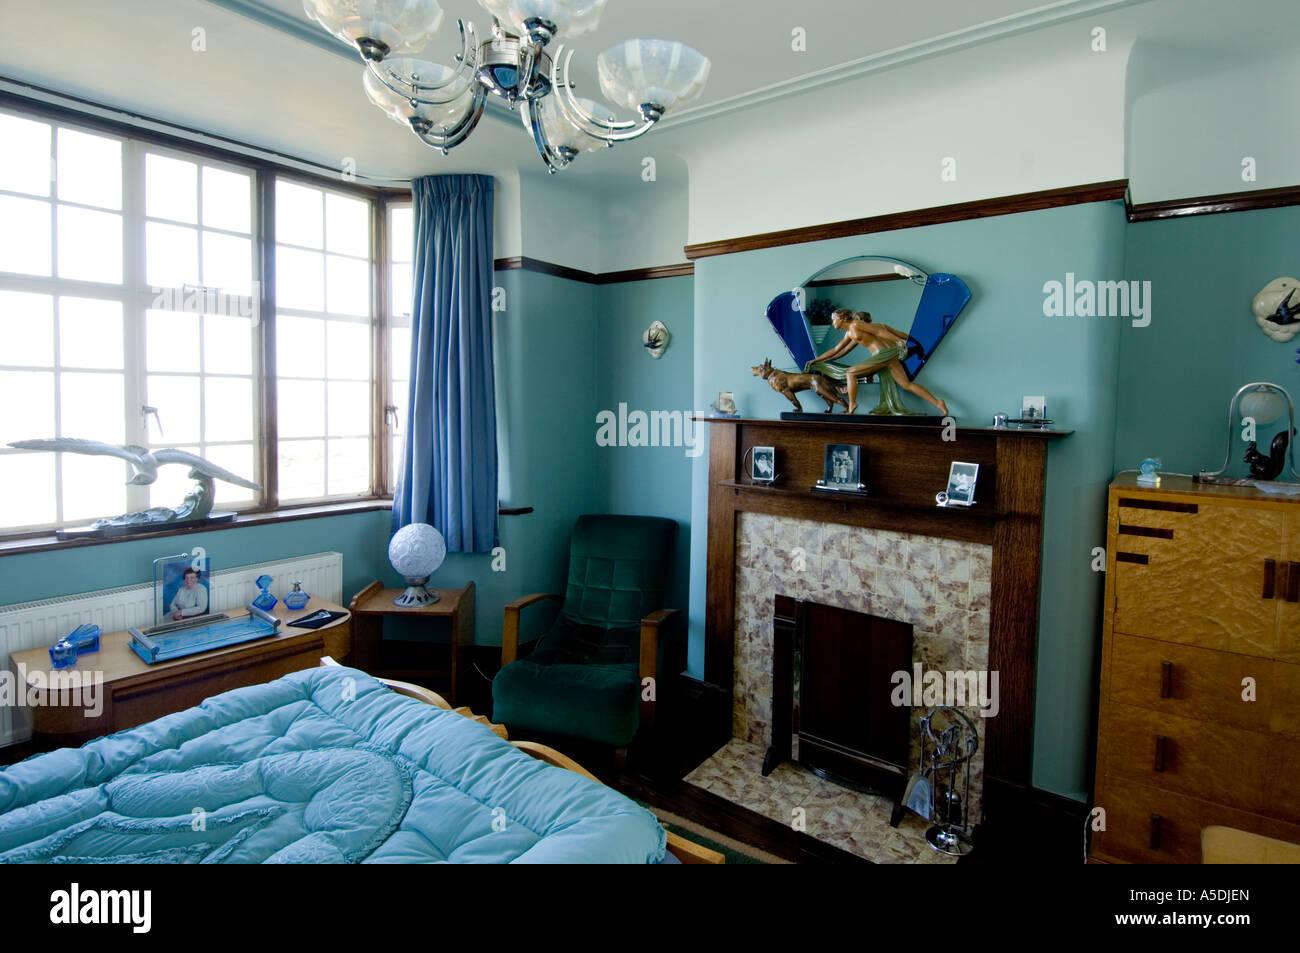 Camere Da Letto Art Deco : Rinnovato stile art deco art nouveau 1930 s house interno camera da